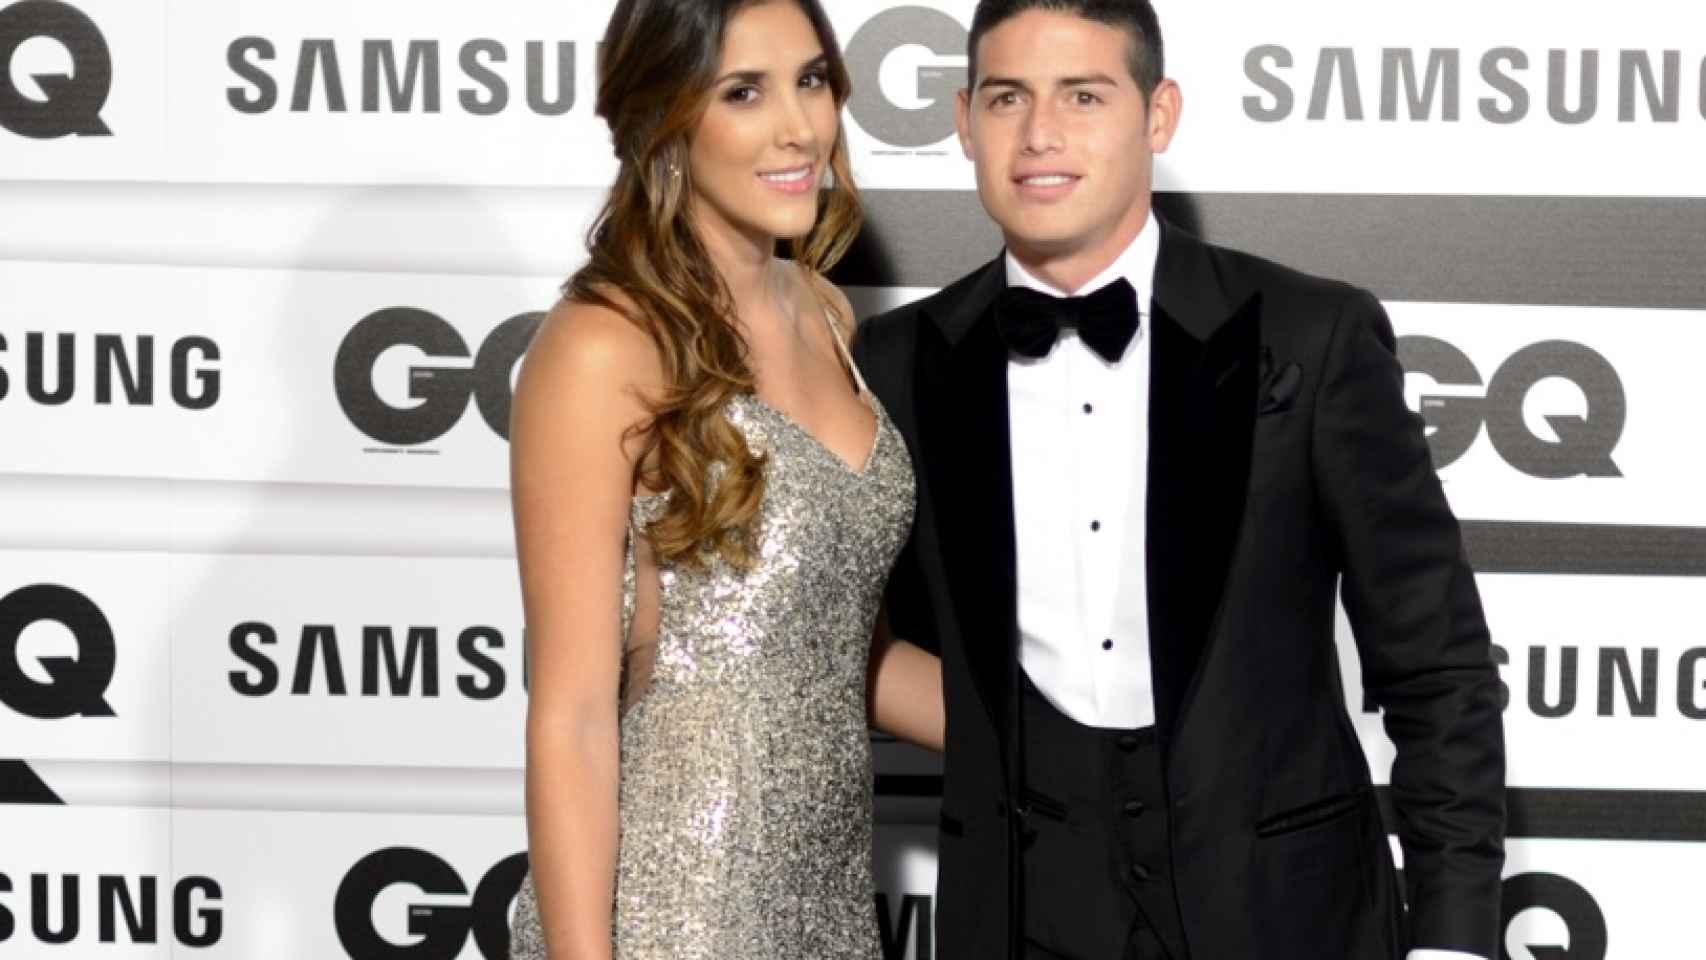 El futbolista James Rodríguez con su novia Daniela Ospina